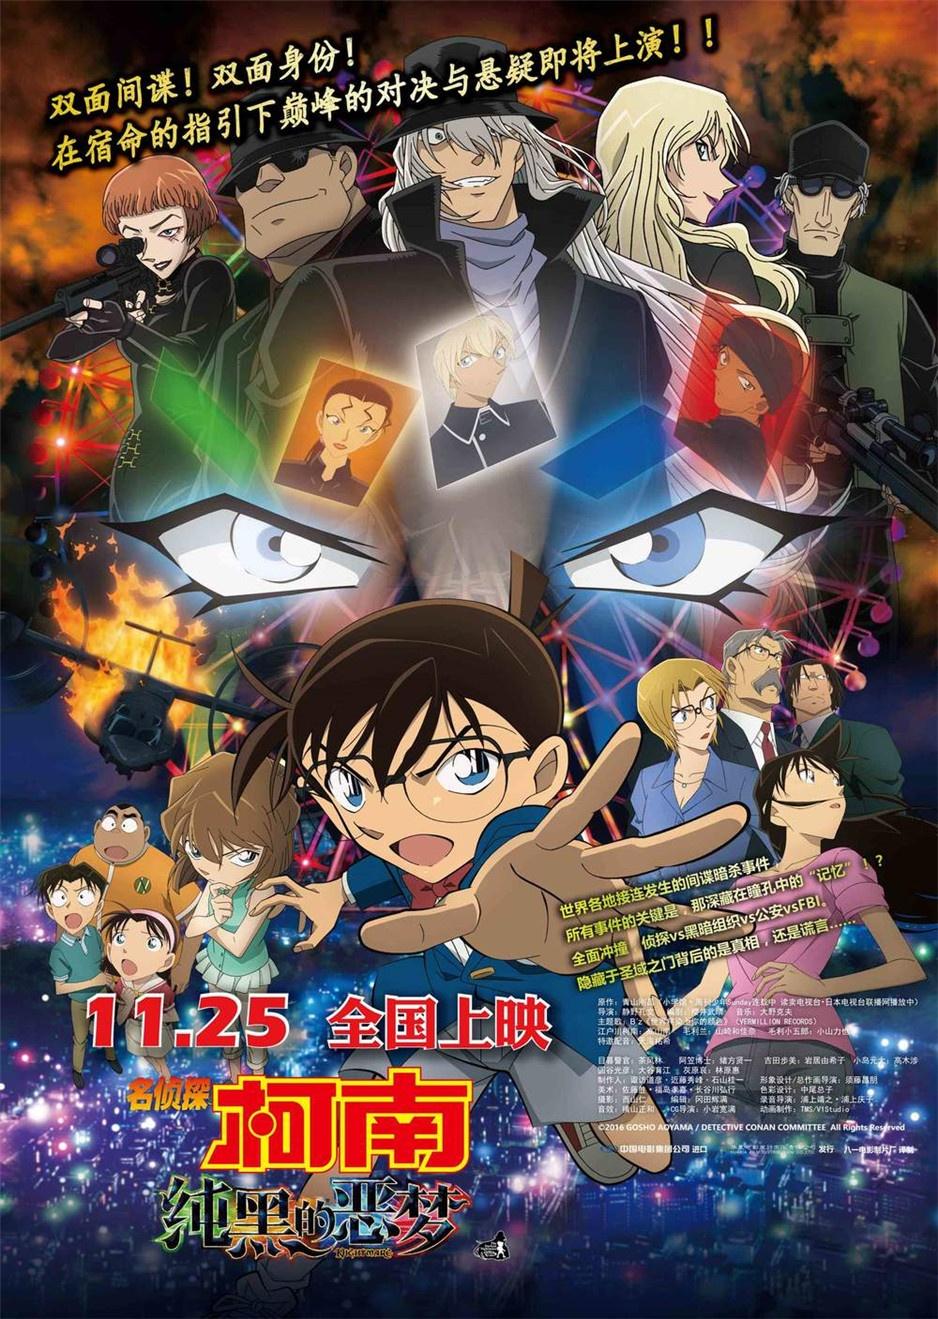 日本动画电影《名侦探柯南:纯黑的恶梦》高清图片